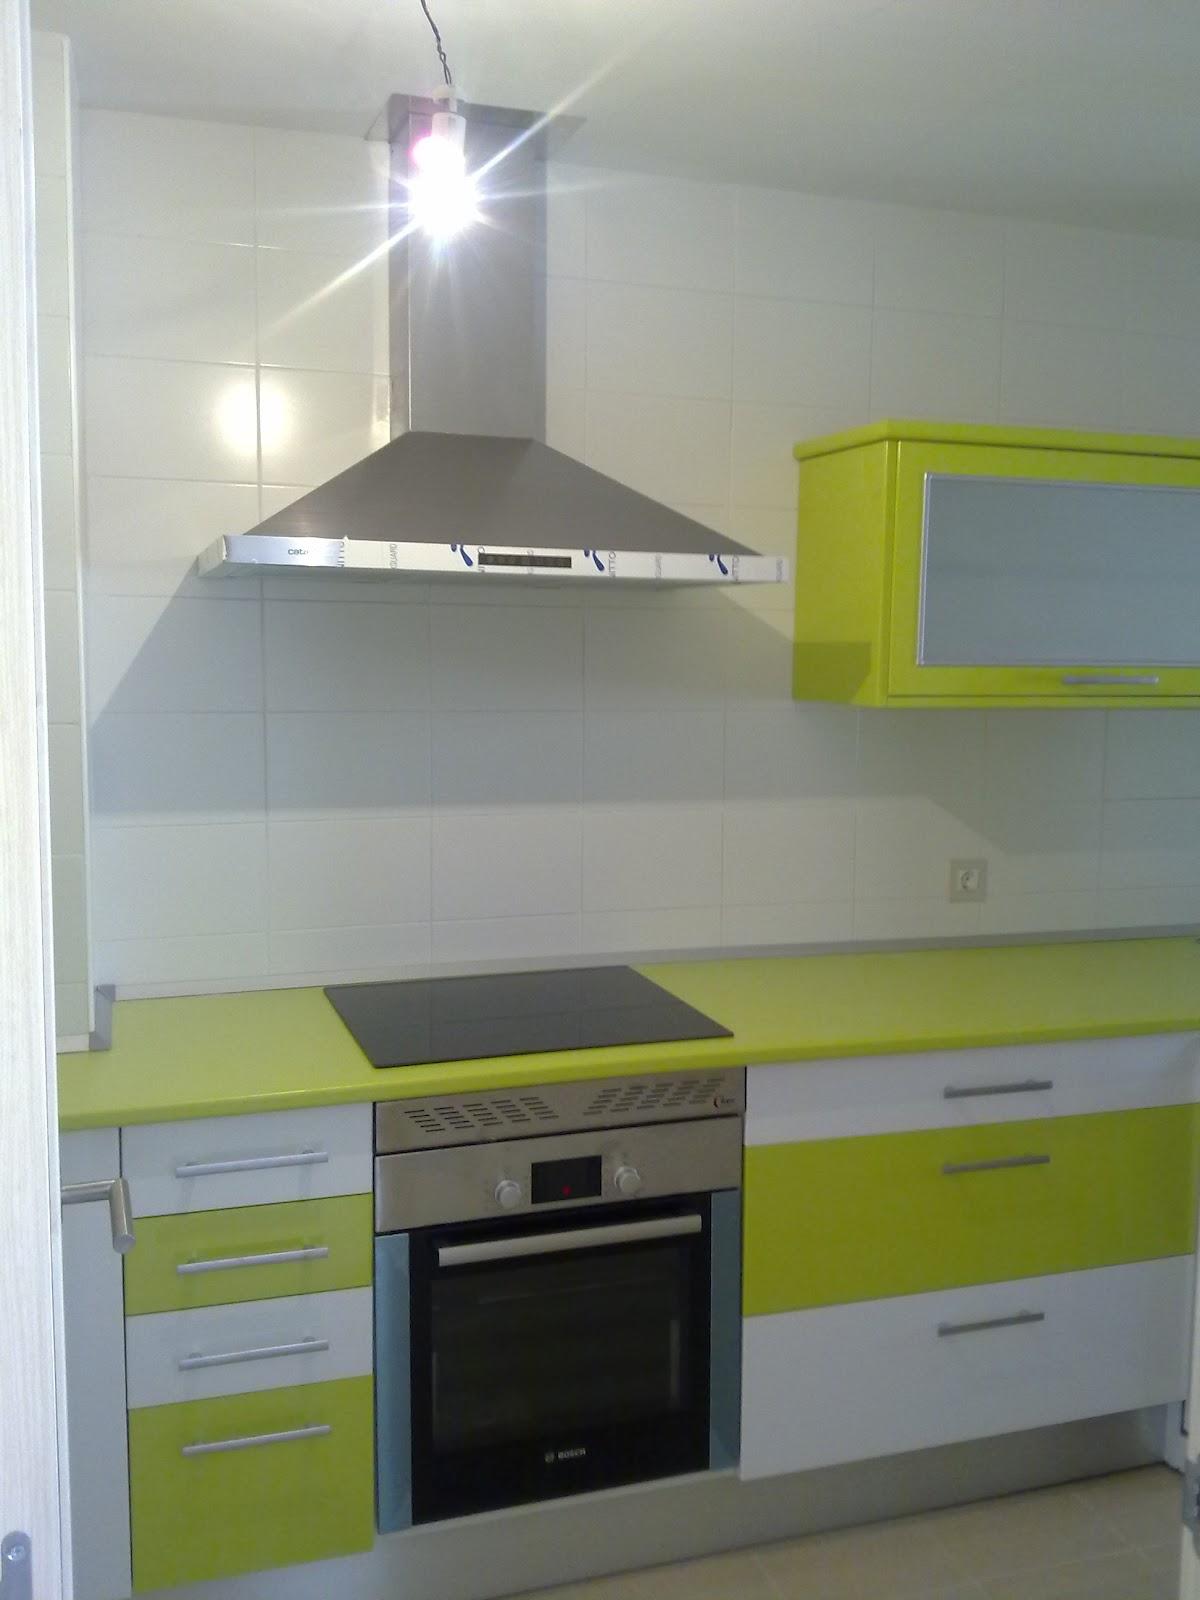 CONSEJOSSSS PARA MI COCINA!!!!!!!!! | Decorar tu casa es facilisimo.com